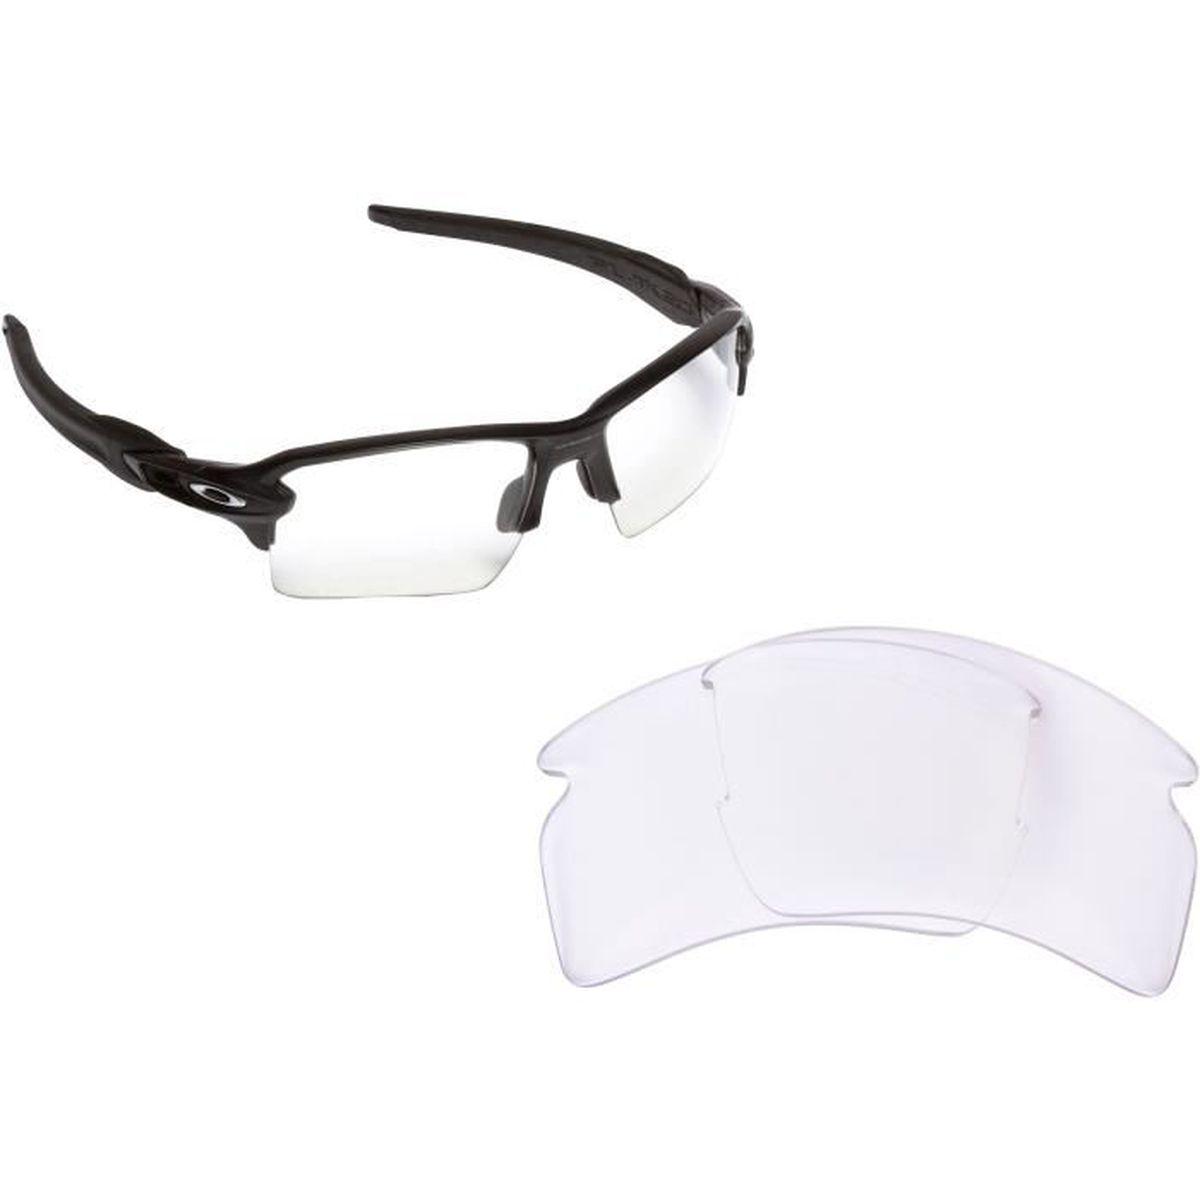 oakley ansi approved safety glasses pnp8  Nouveau Lentilles de remplacement Oakley FLAK 20 XL Transparent Safety